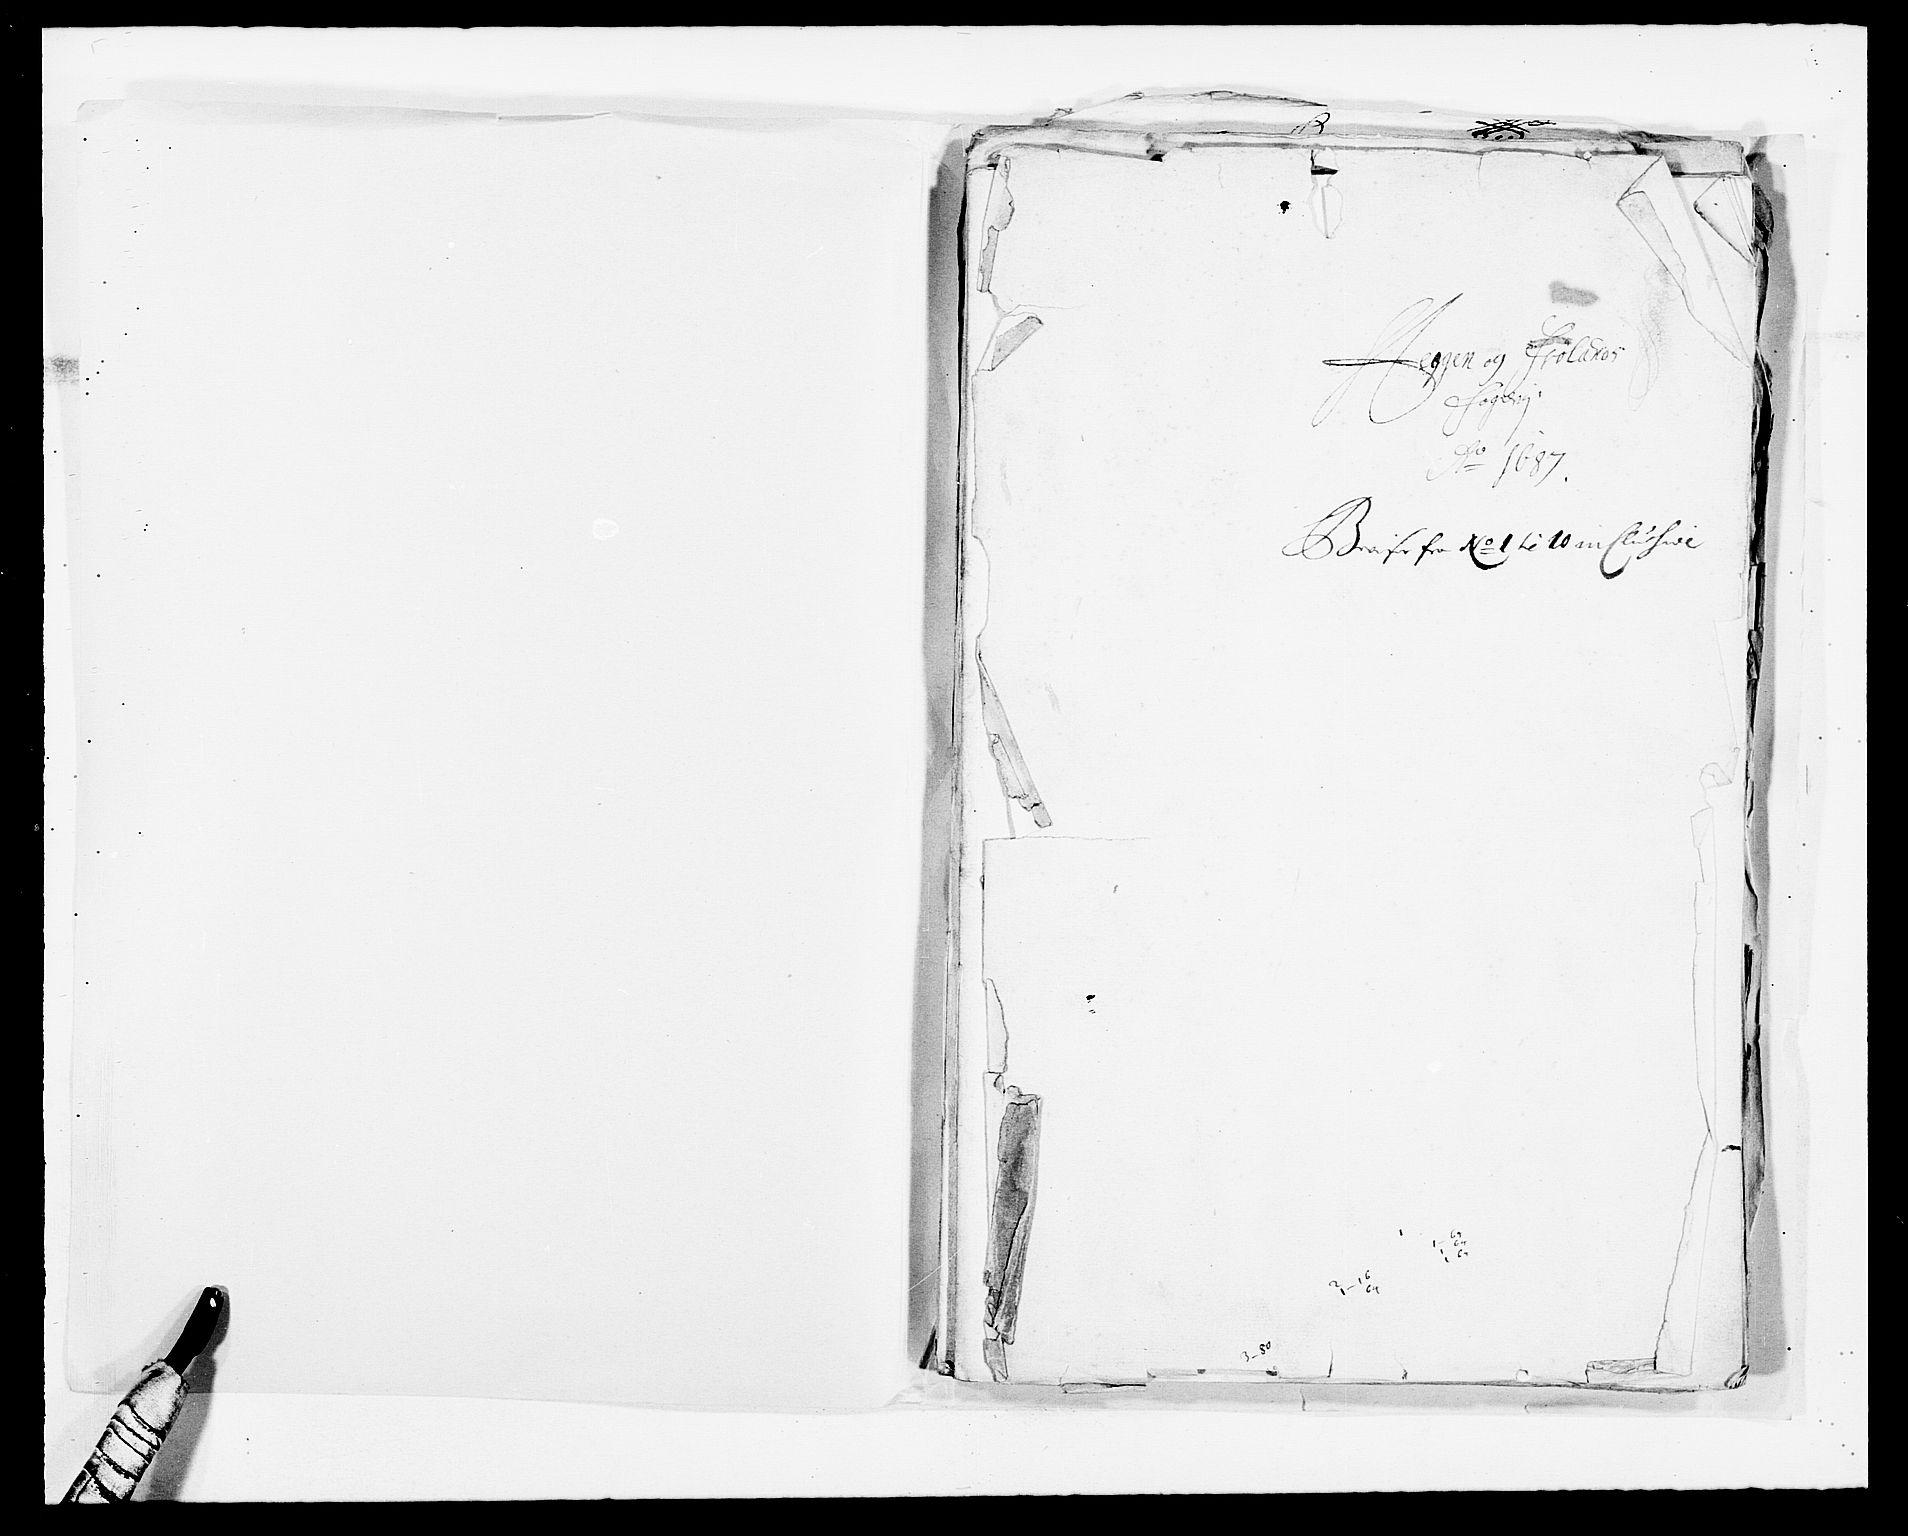 RA, Rentekammeret inntil 1814, Reviderte regnskaper, Fogderegnskap, R06/L0282: Fogderegnskap Heggen og Frøland, 1687-1690, s. 2